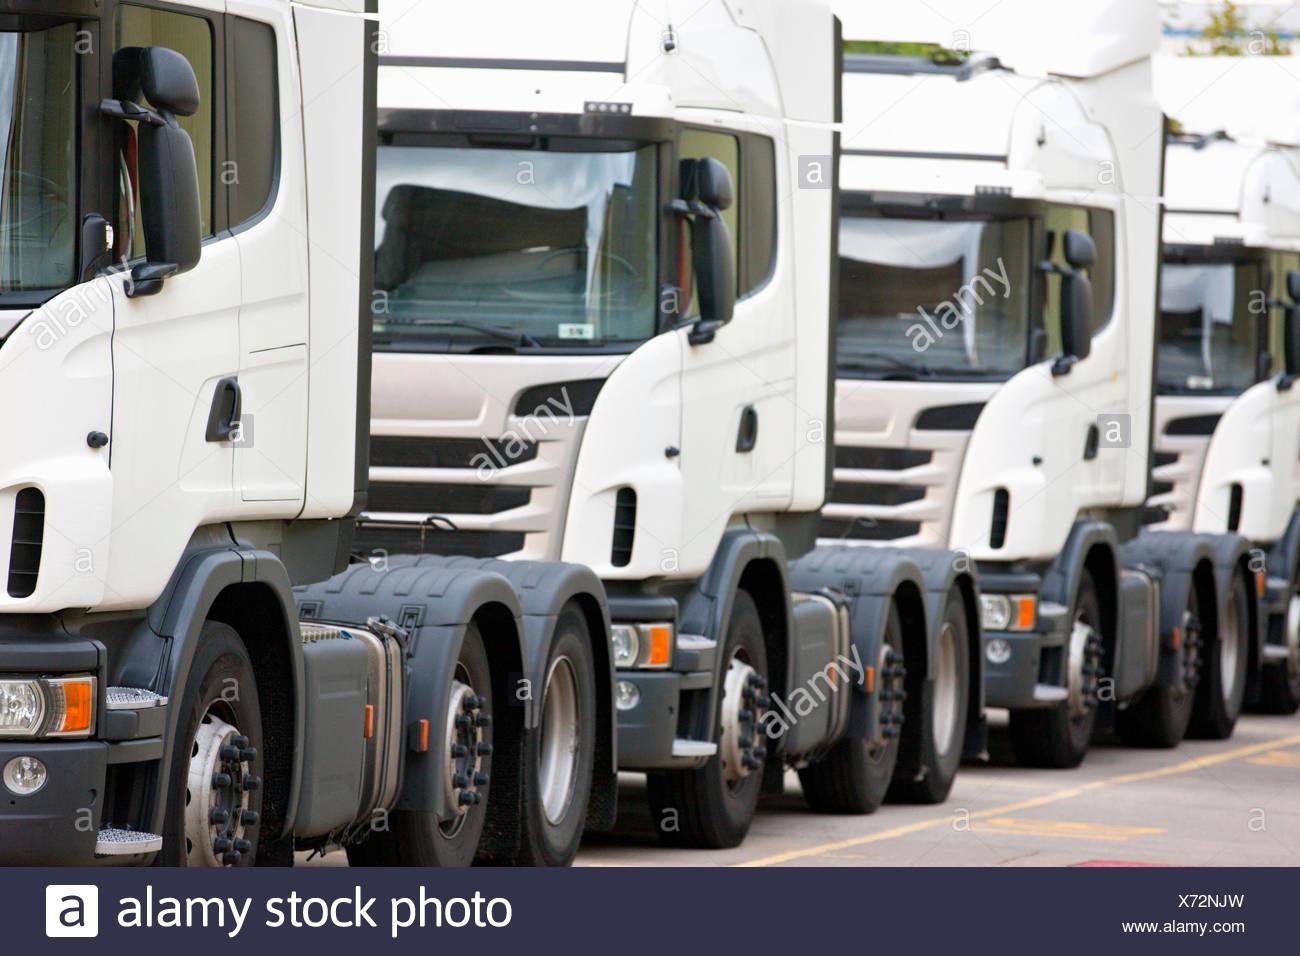 Fracht Transport LKW hintereinander geparkt Stockbild